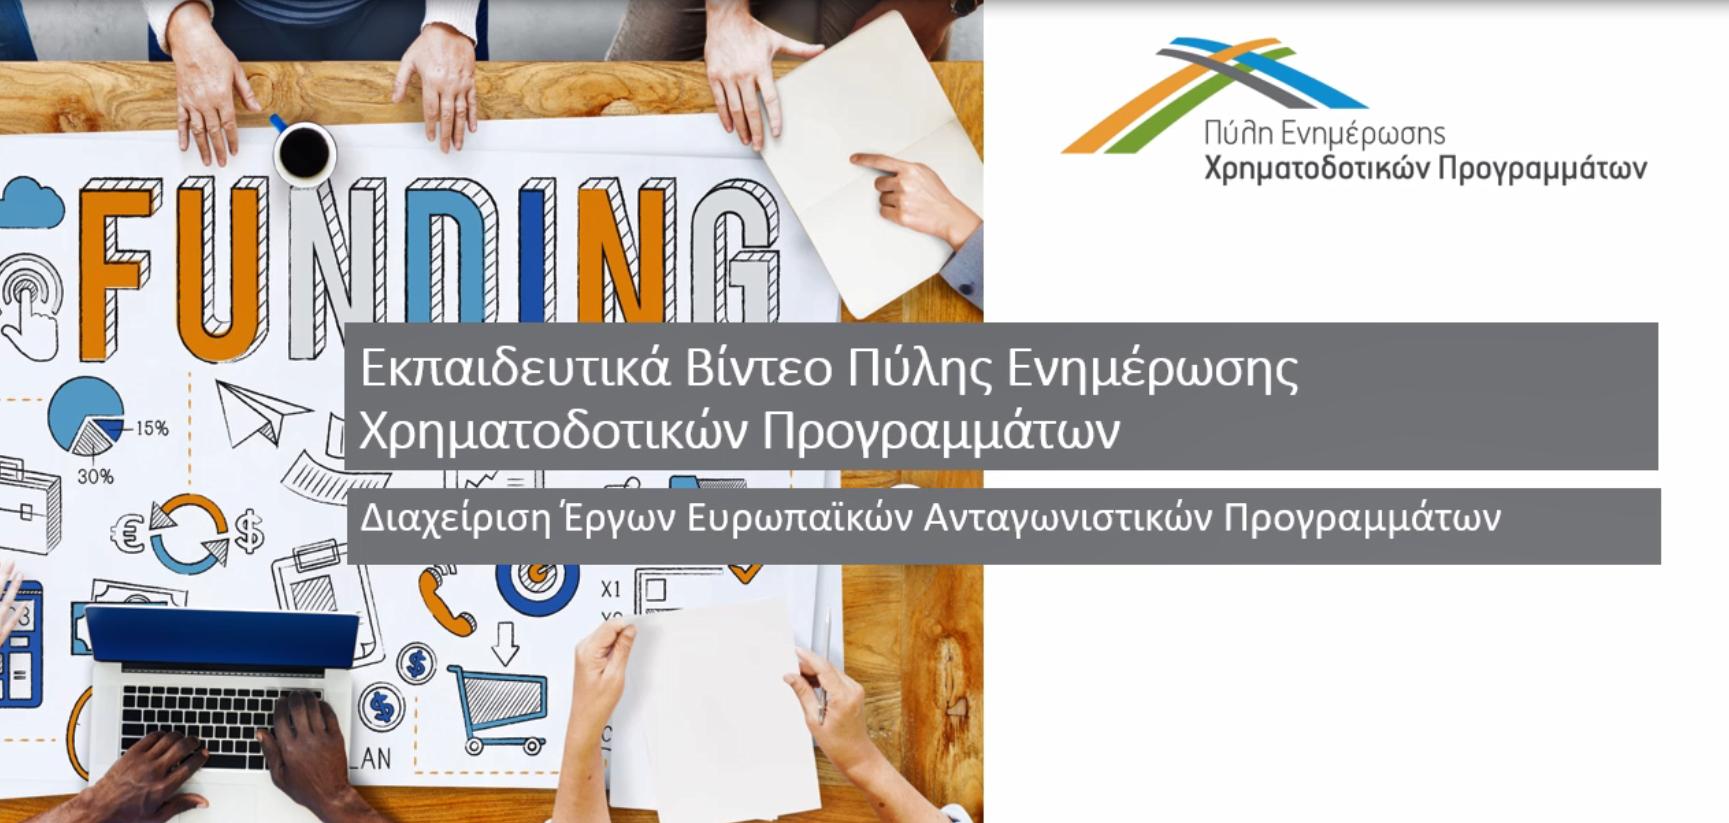 Εκπαιδευτικό Βίντεο: Διαχείριση έργου στο πλαίσιο των Ευρωπαϊκών ανταγωνιστικών προγραμμάτων